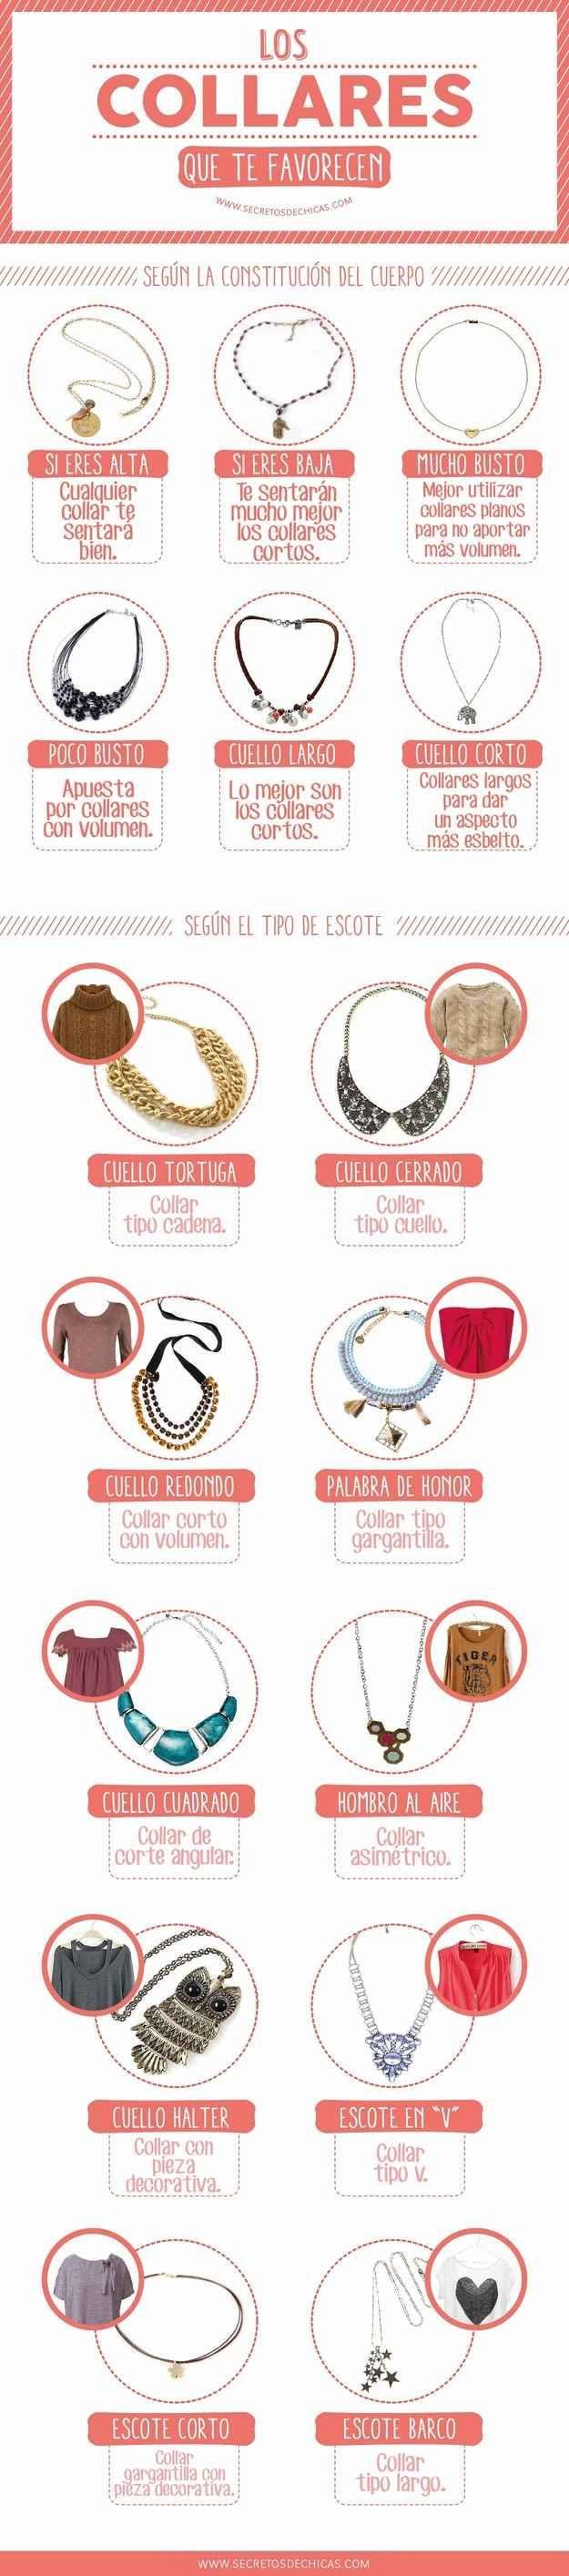 Si te gustan los collares, amarás esta infografía.